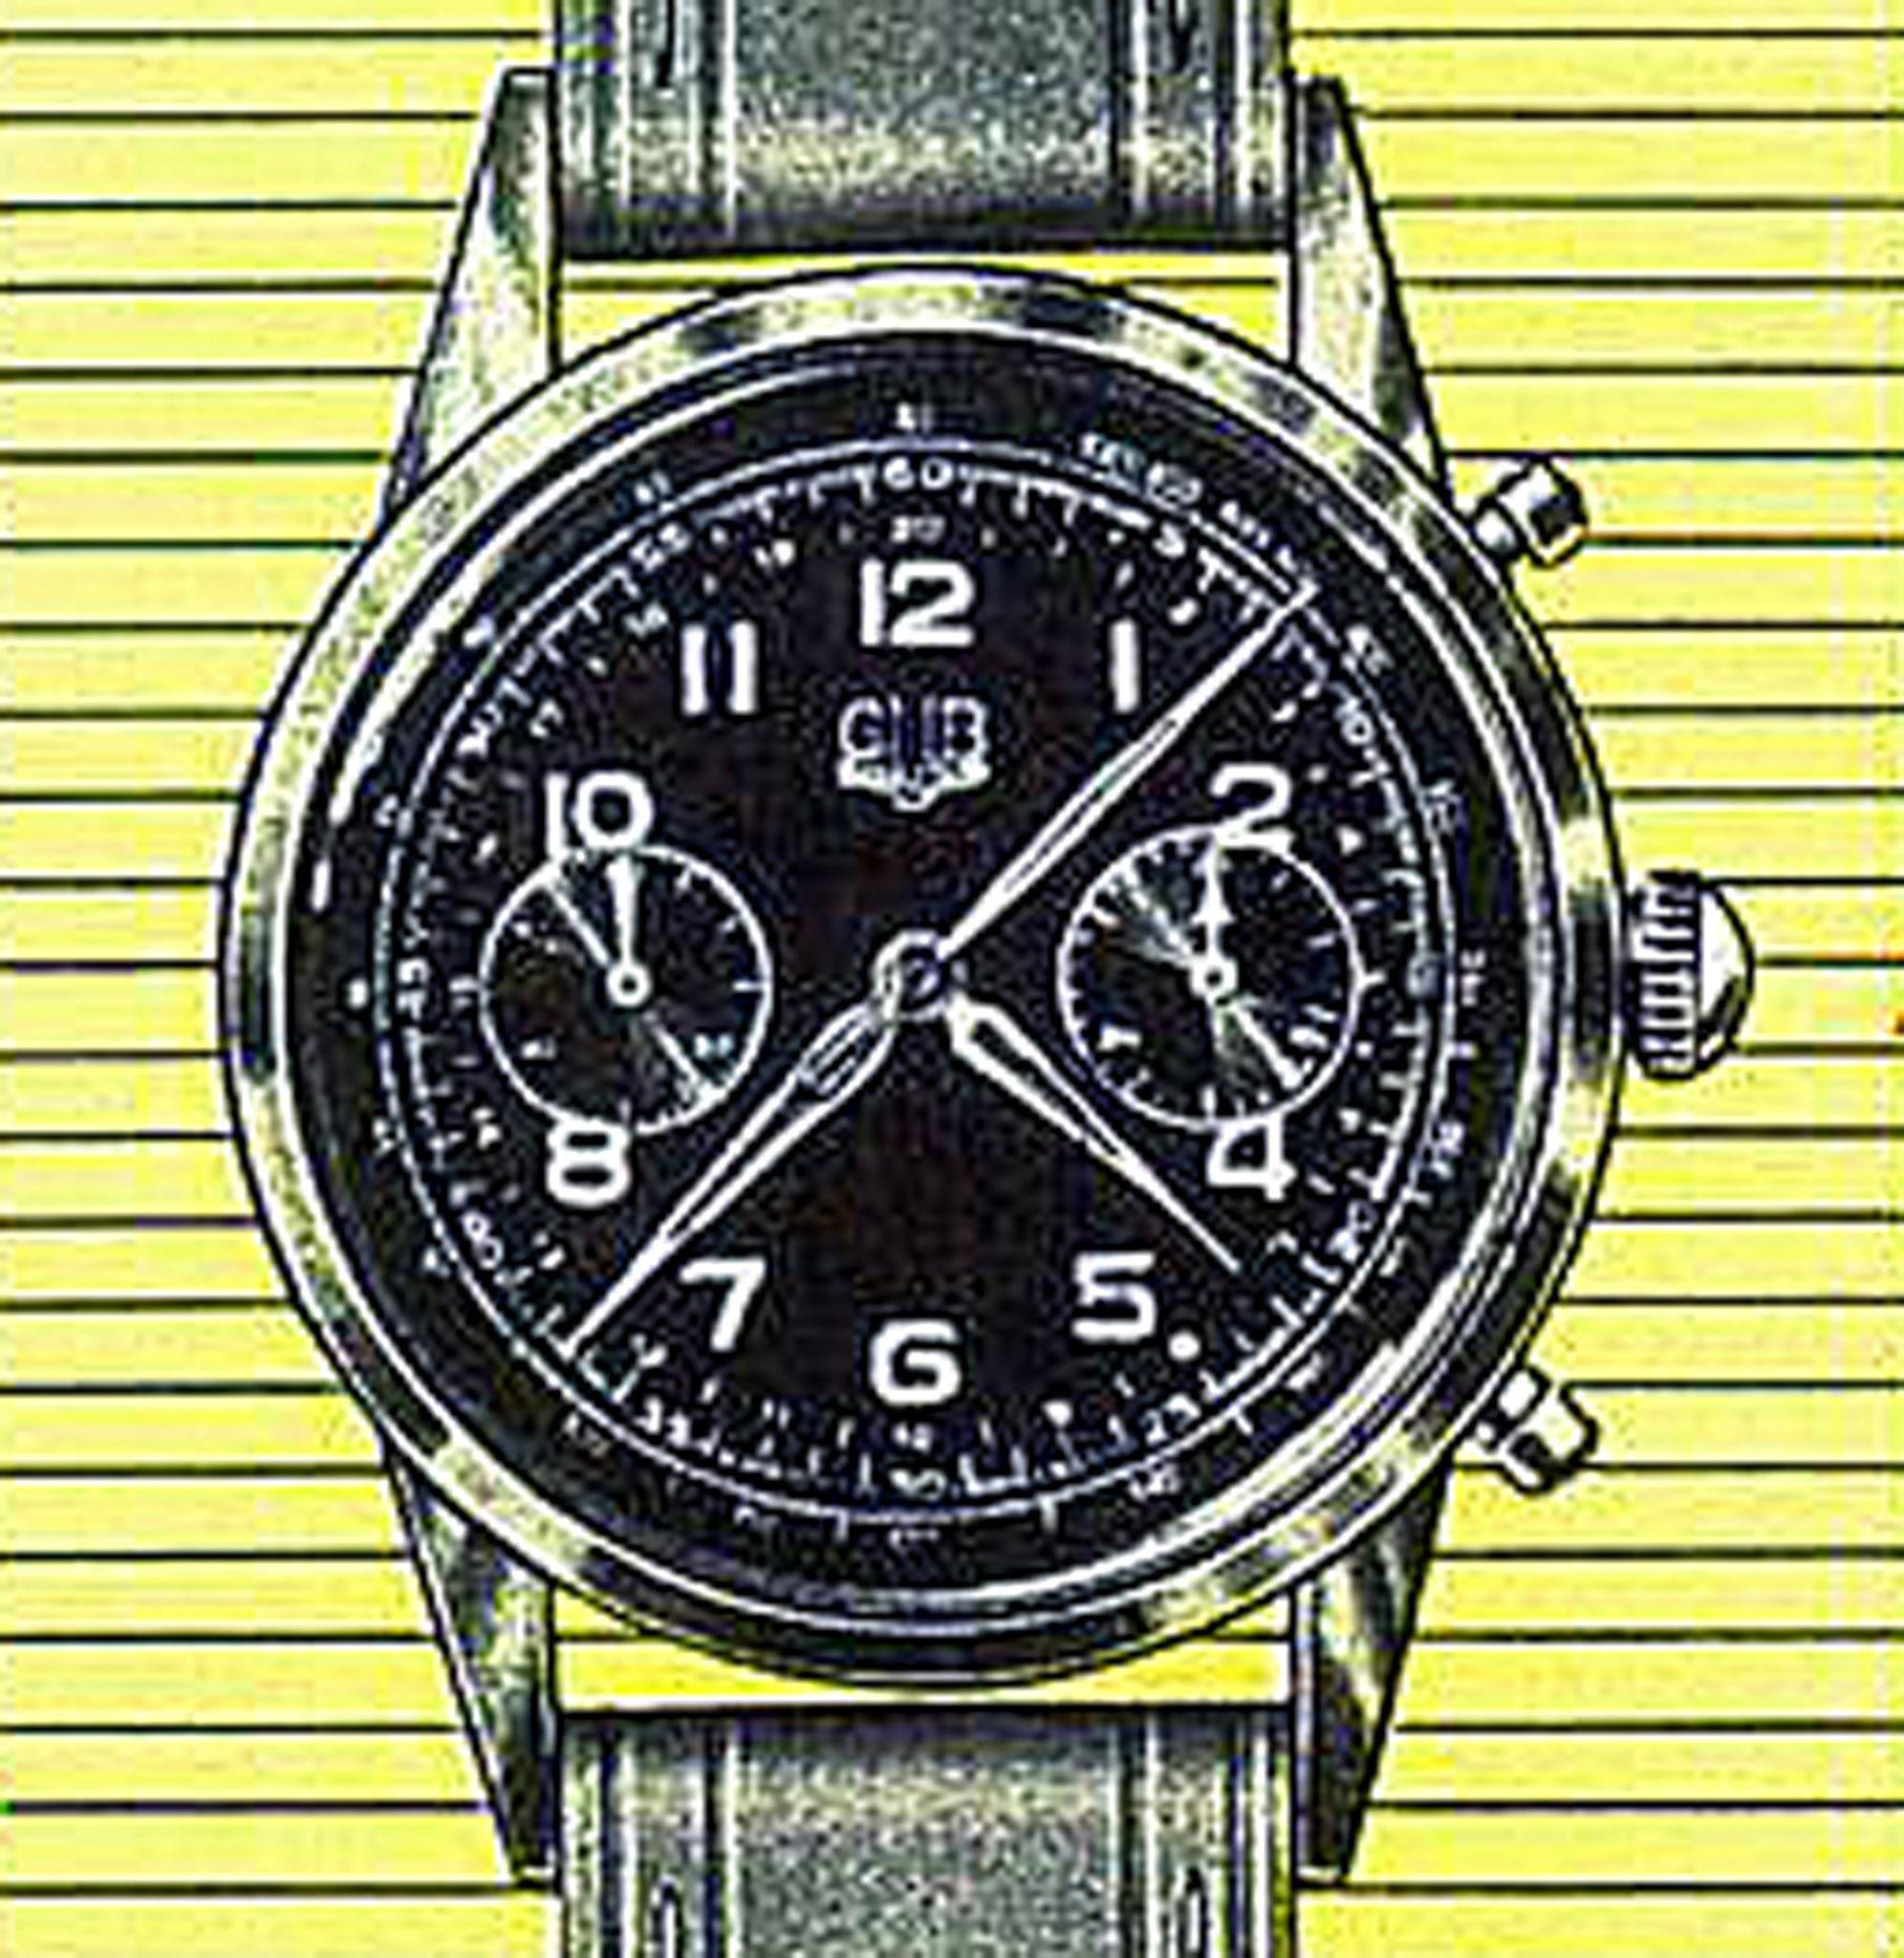 Nr.664/3, Gehäuse Plaqué 20 Mikron, Edelstahlboden, wassergeschützt.